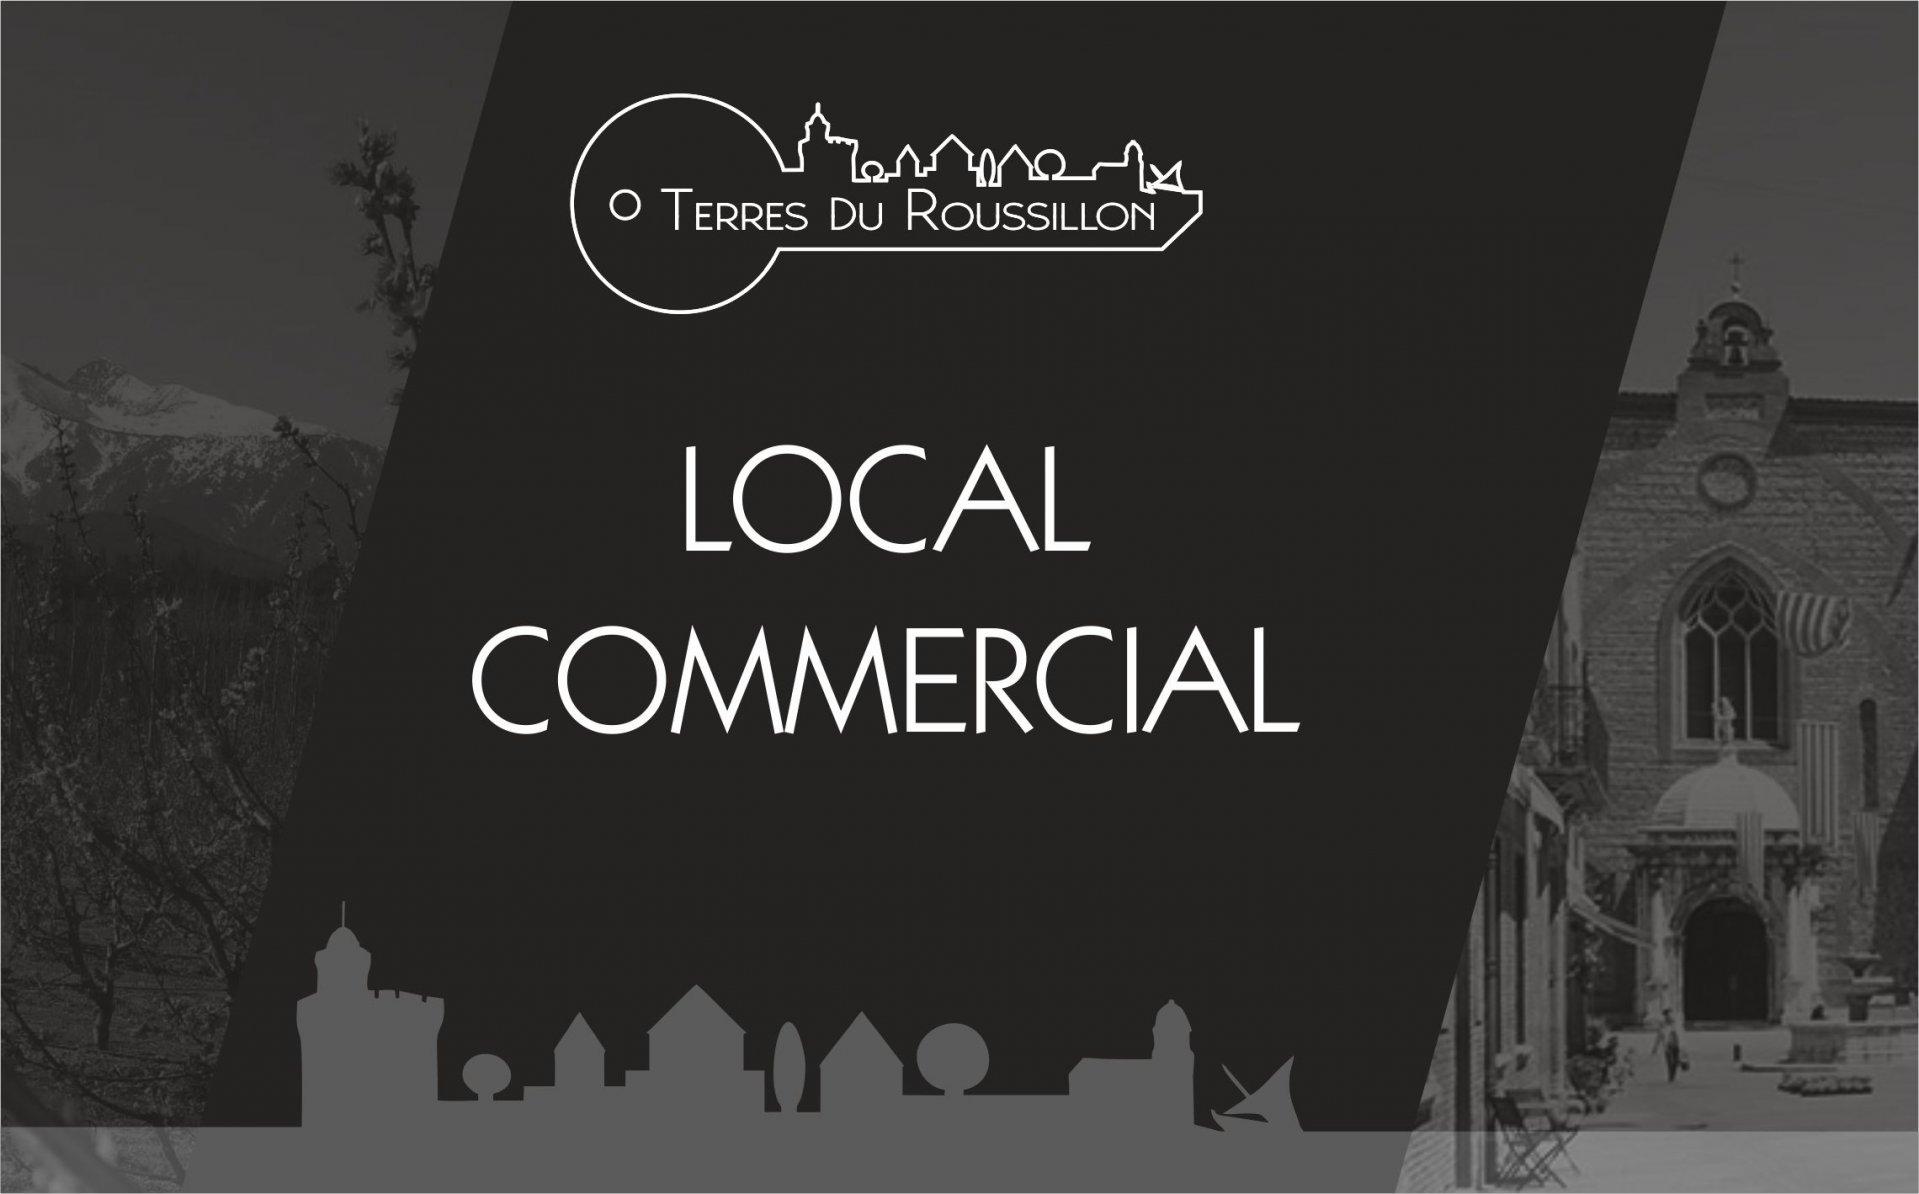 Venta Local - Perpignan